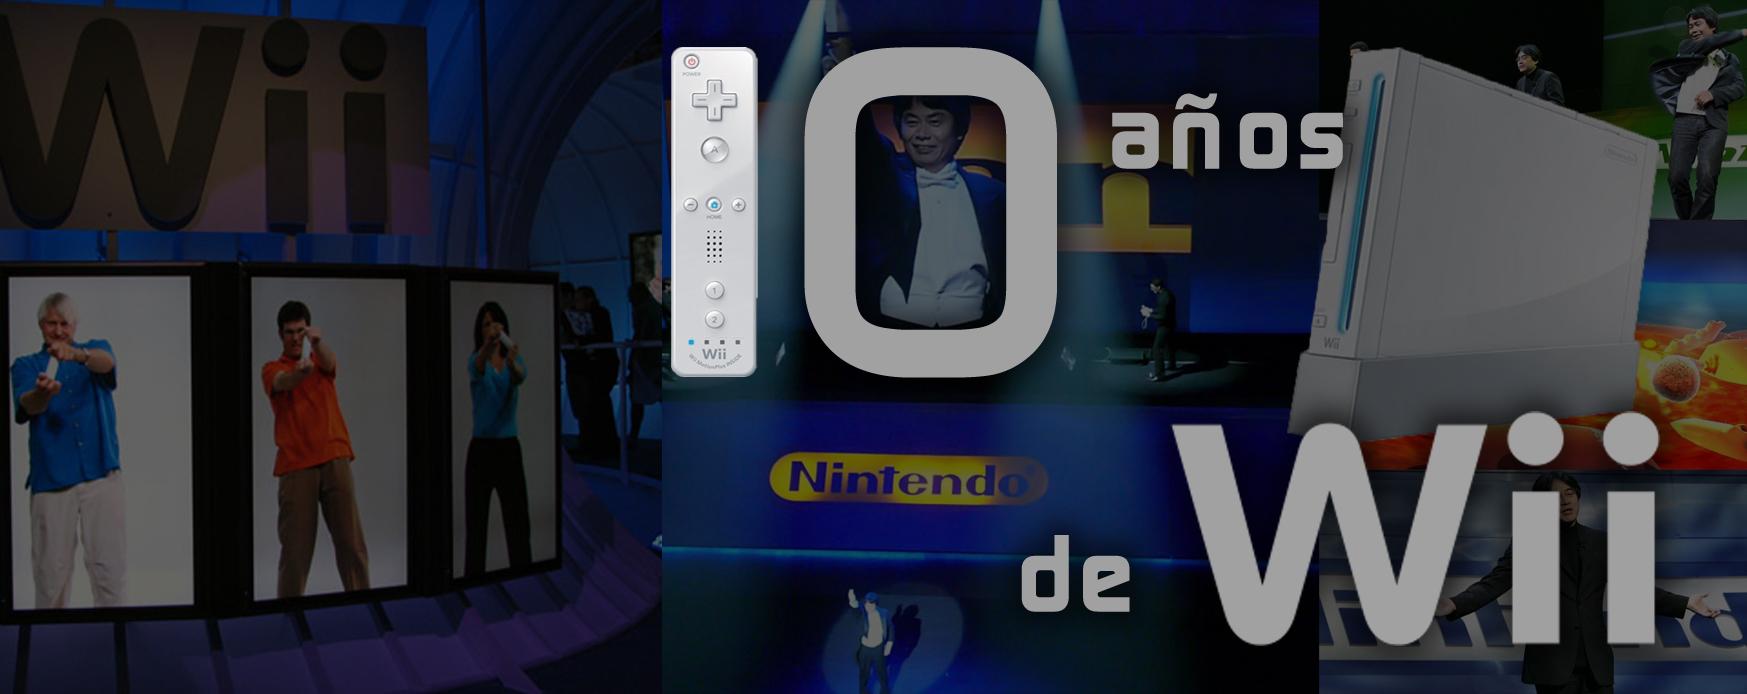 TOP 3 Wii